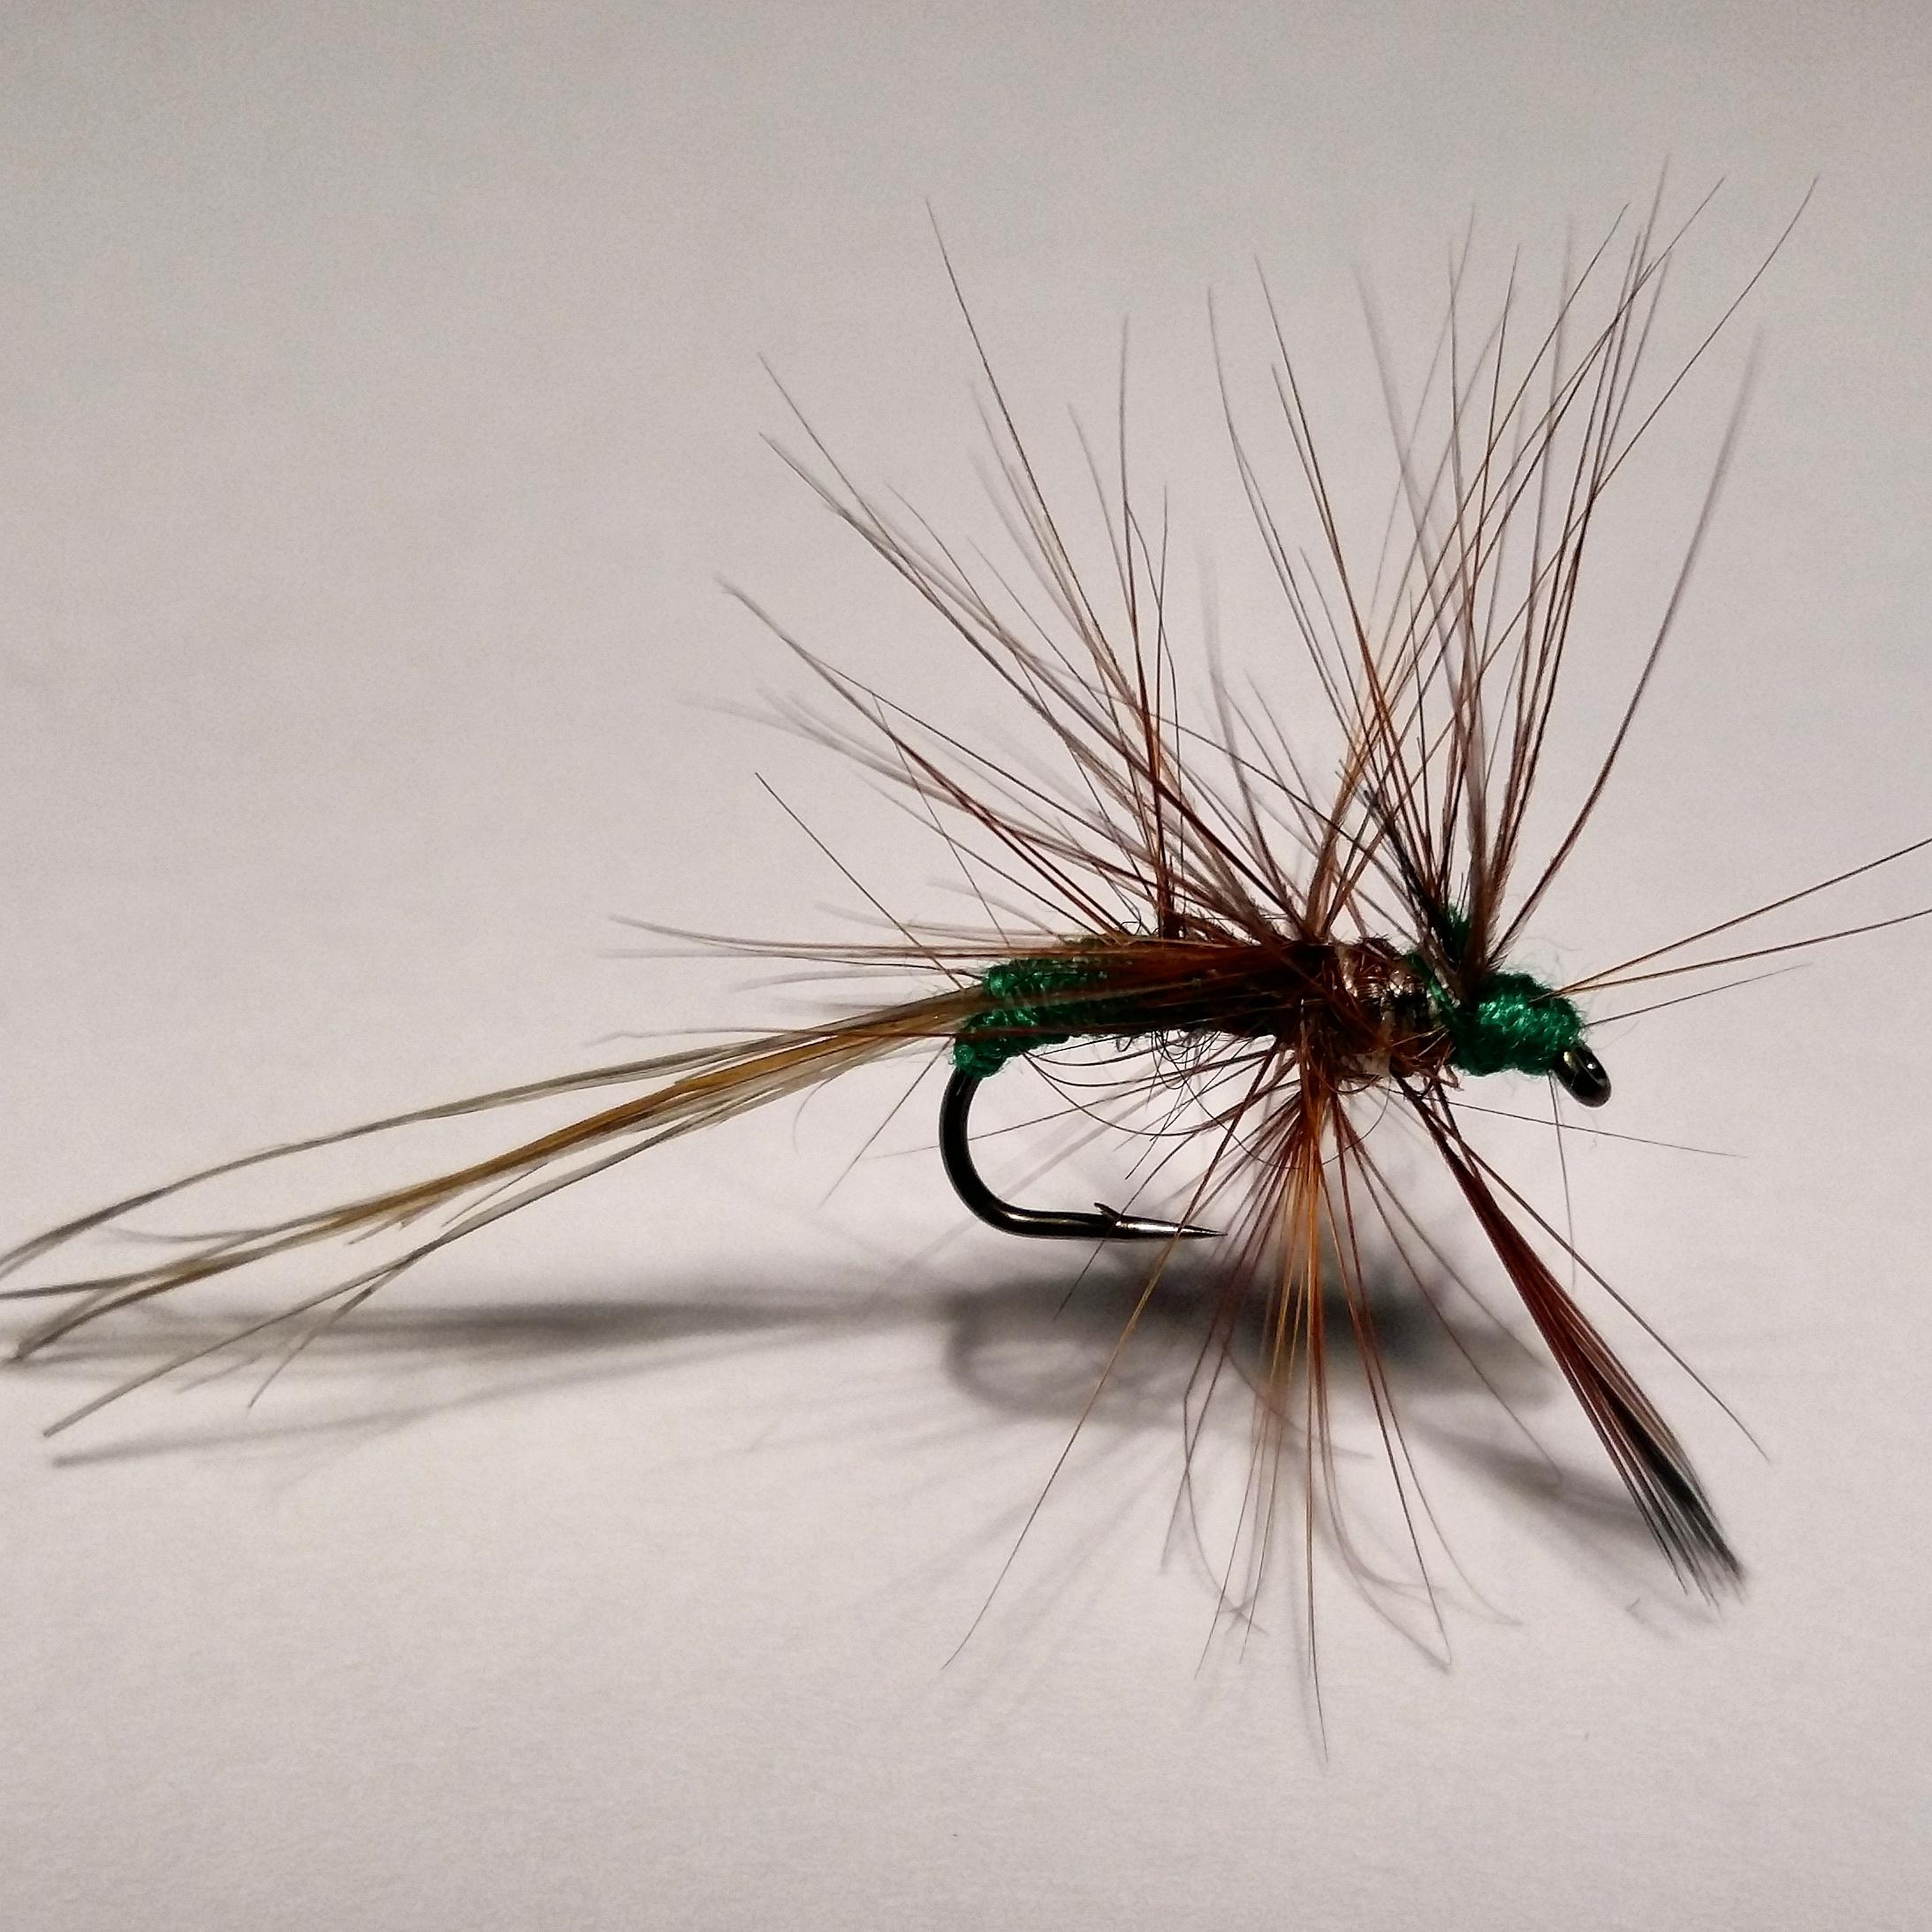 flyfishing LM 19